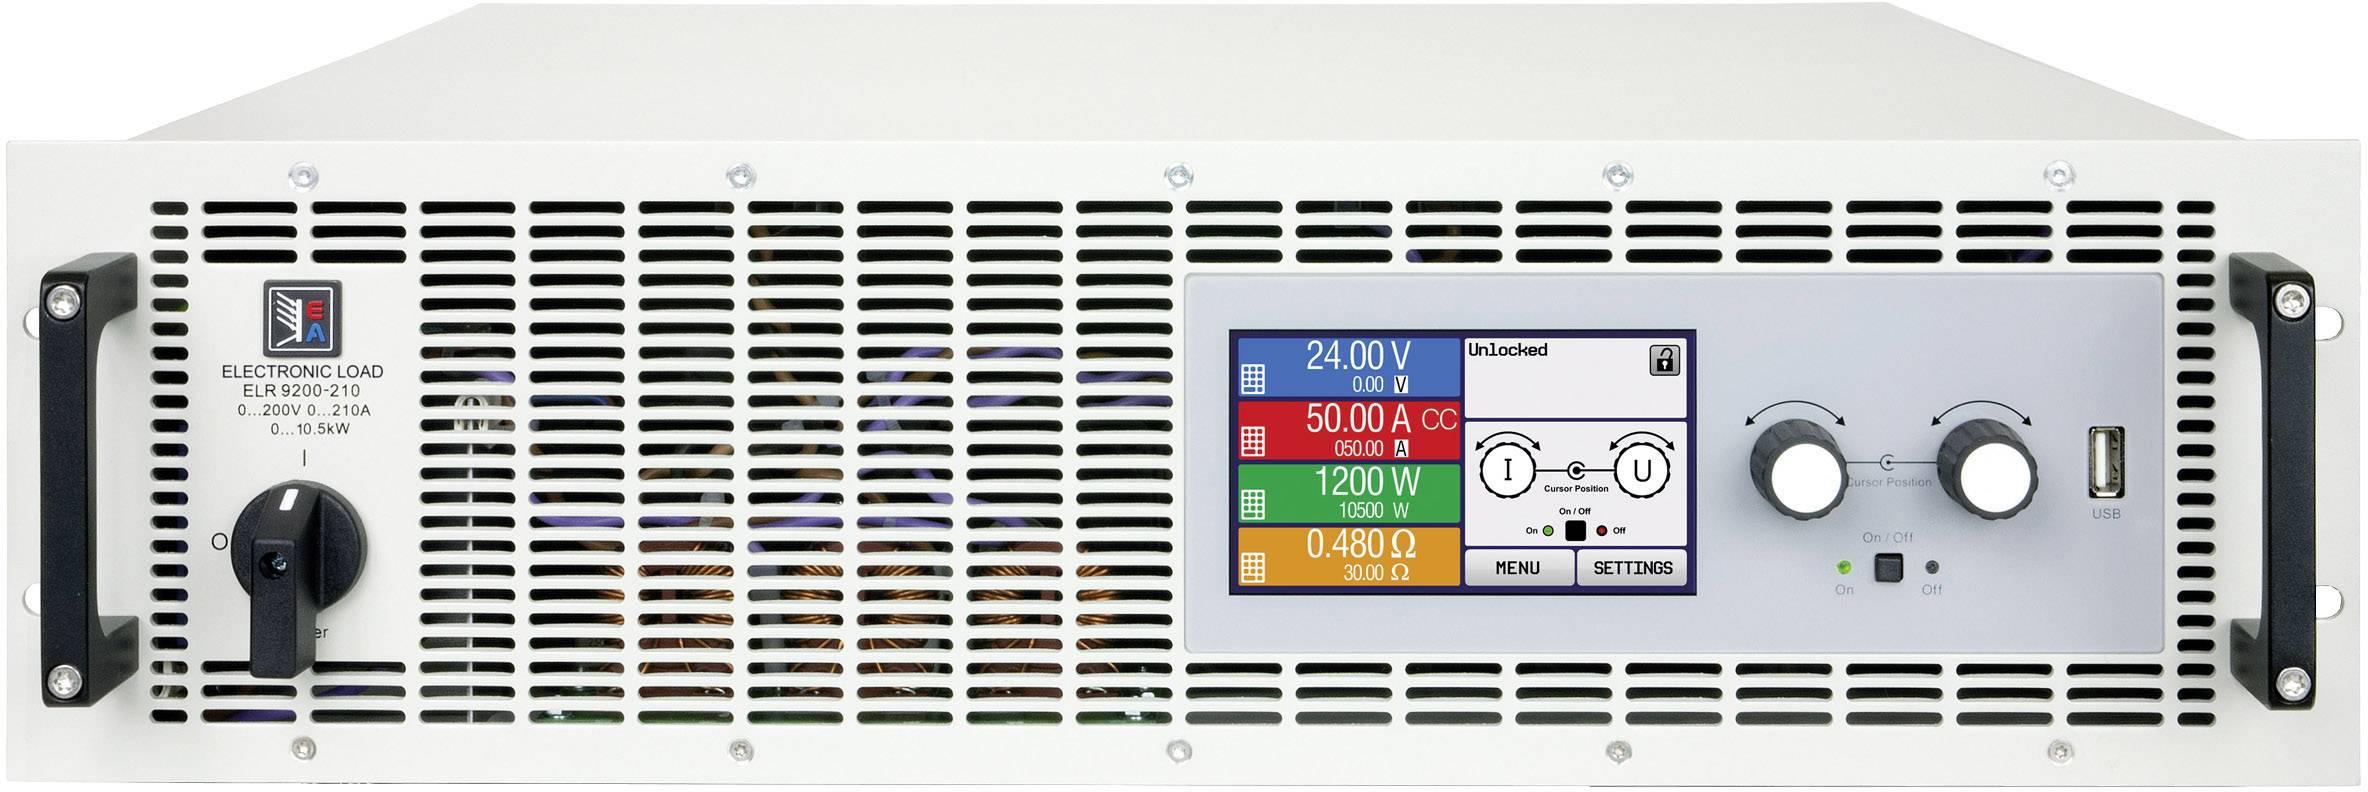 Elektronická zátěž EA Elektro-Automatik EA-ELR 9080-340 3U, 80 V/DC 340 A, 7000 W, Kalibrováno dle ISO